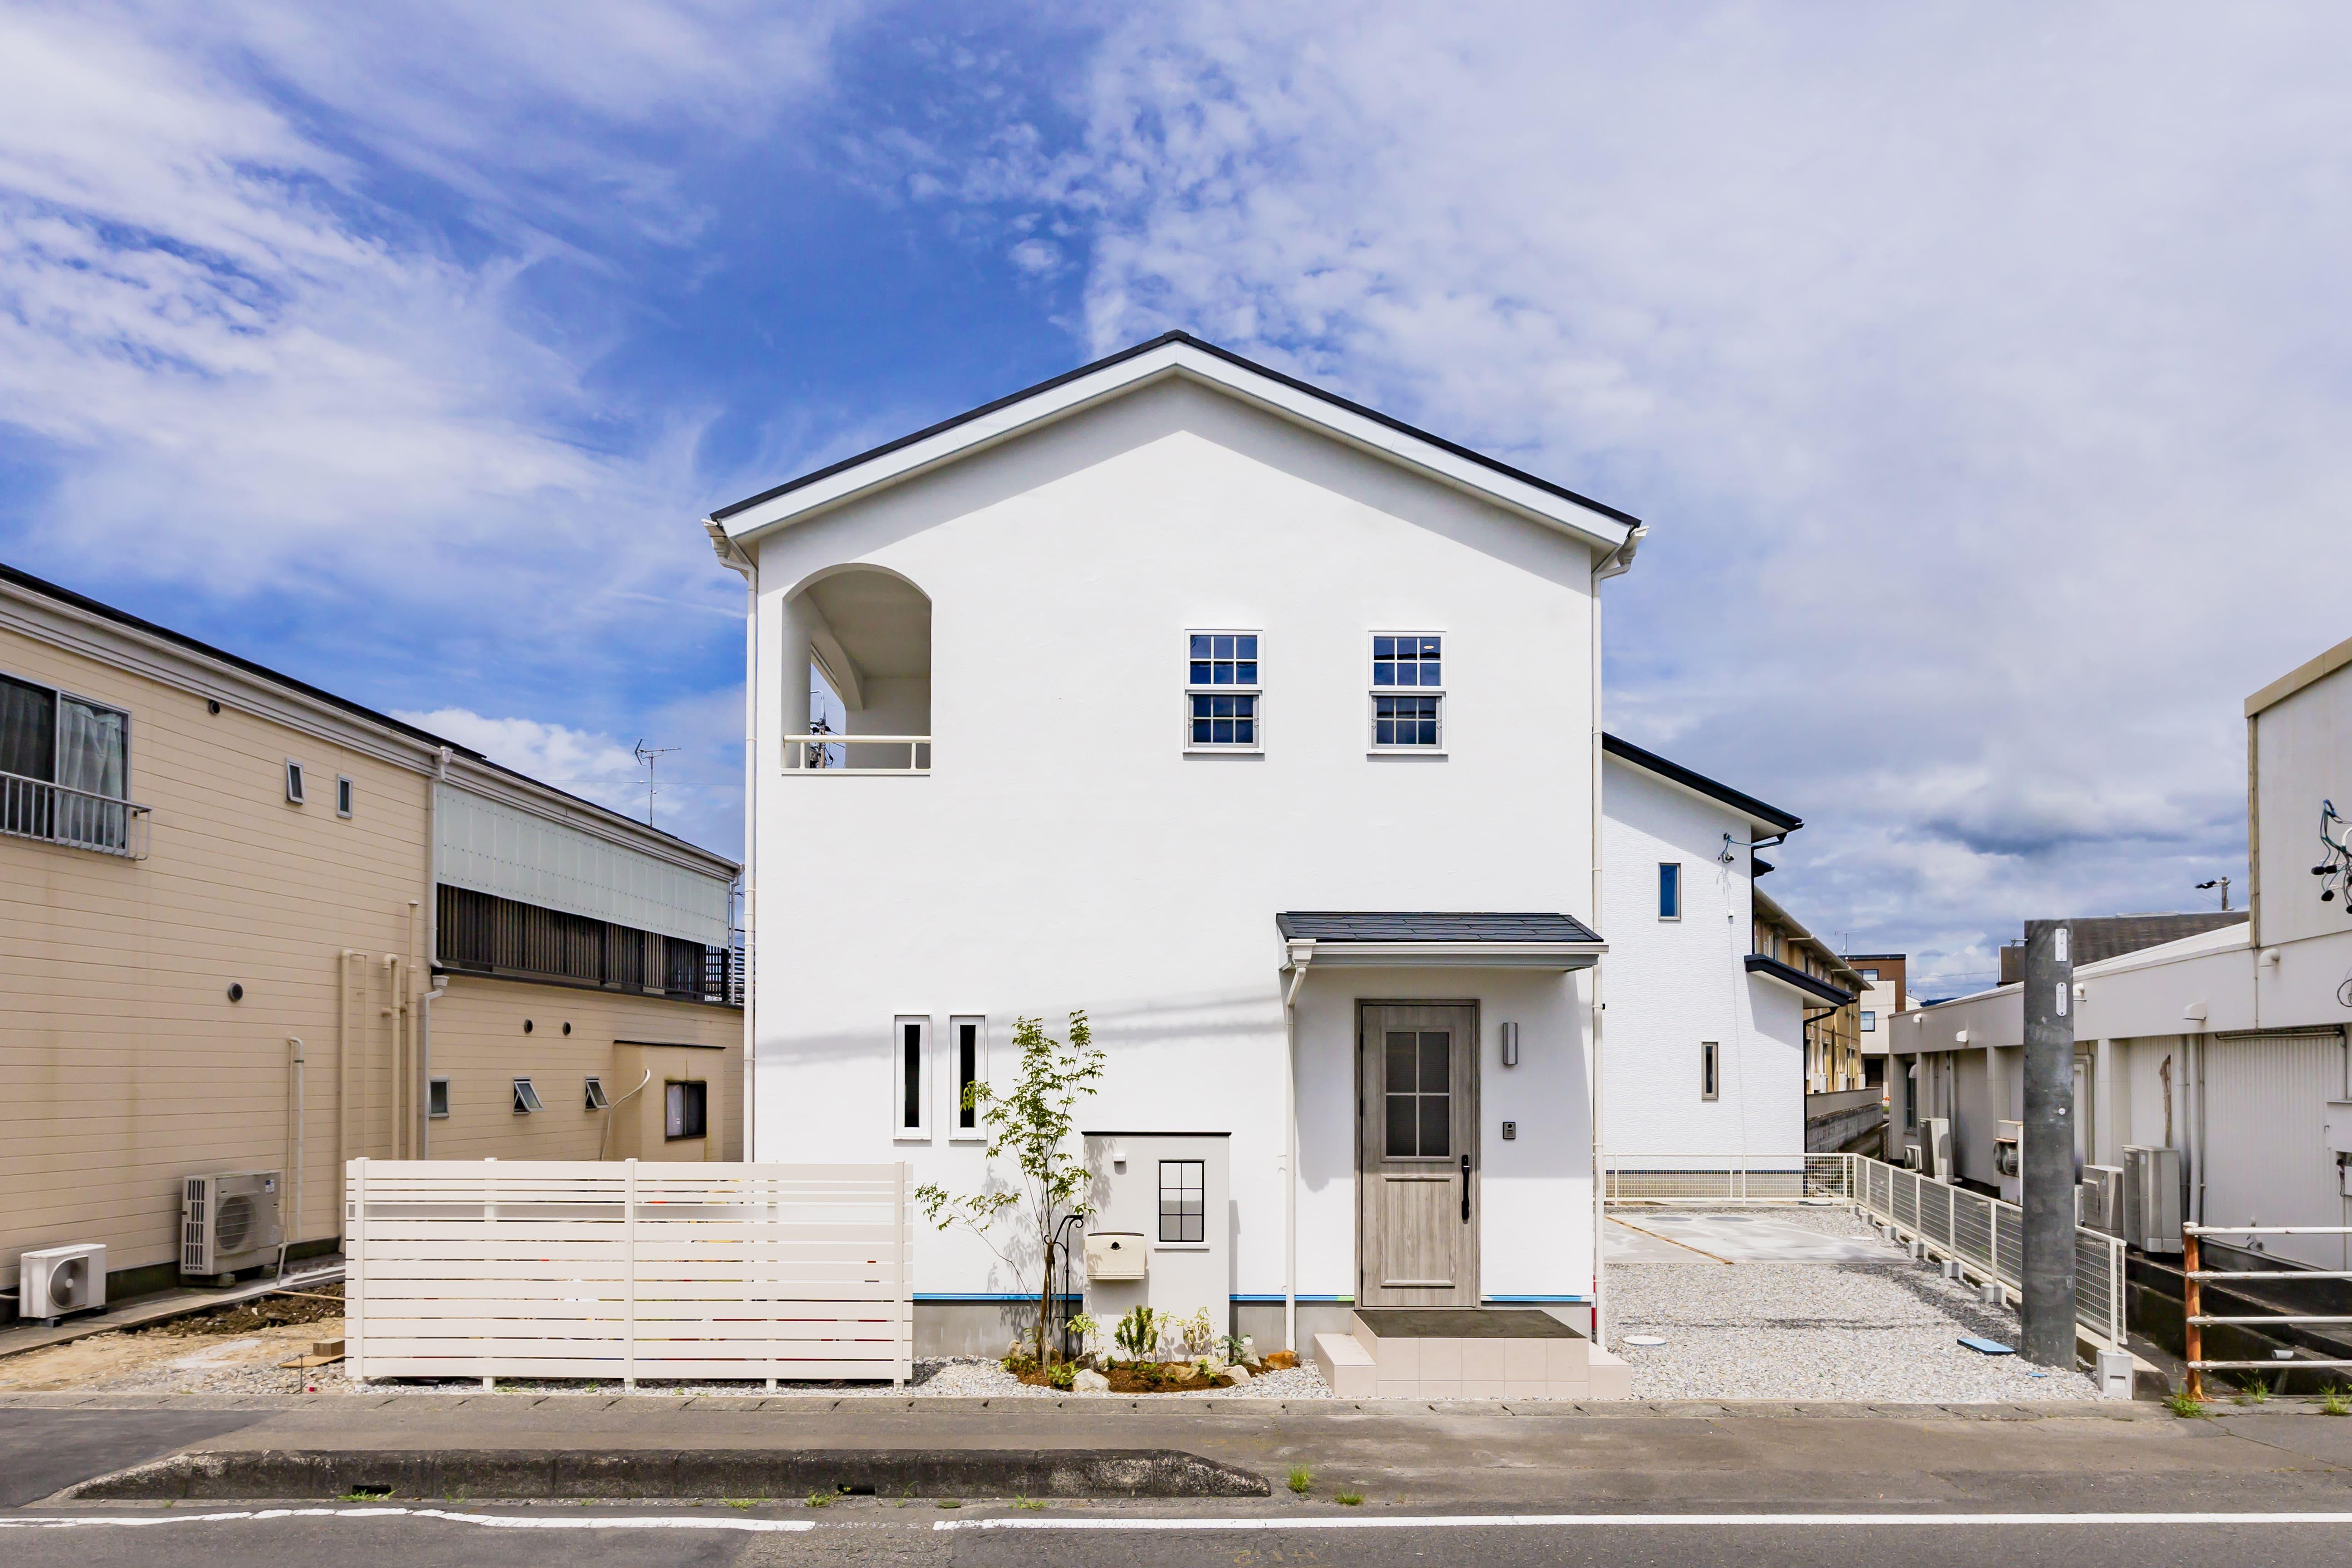 【期間限定】新モデルハウスグランドオープン in 藤枝市青葉町 \ナチュラルテイストの三角屋根のお家/